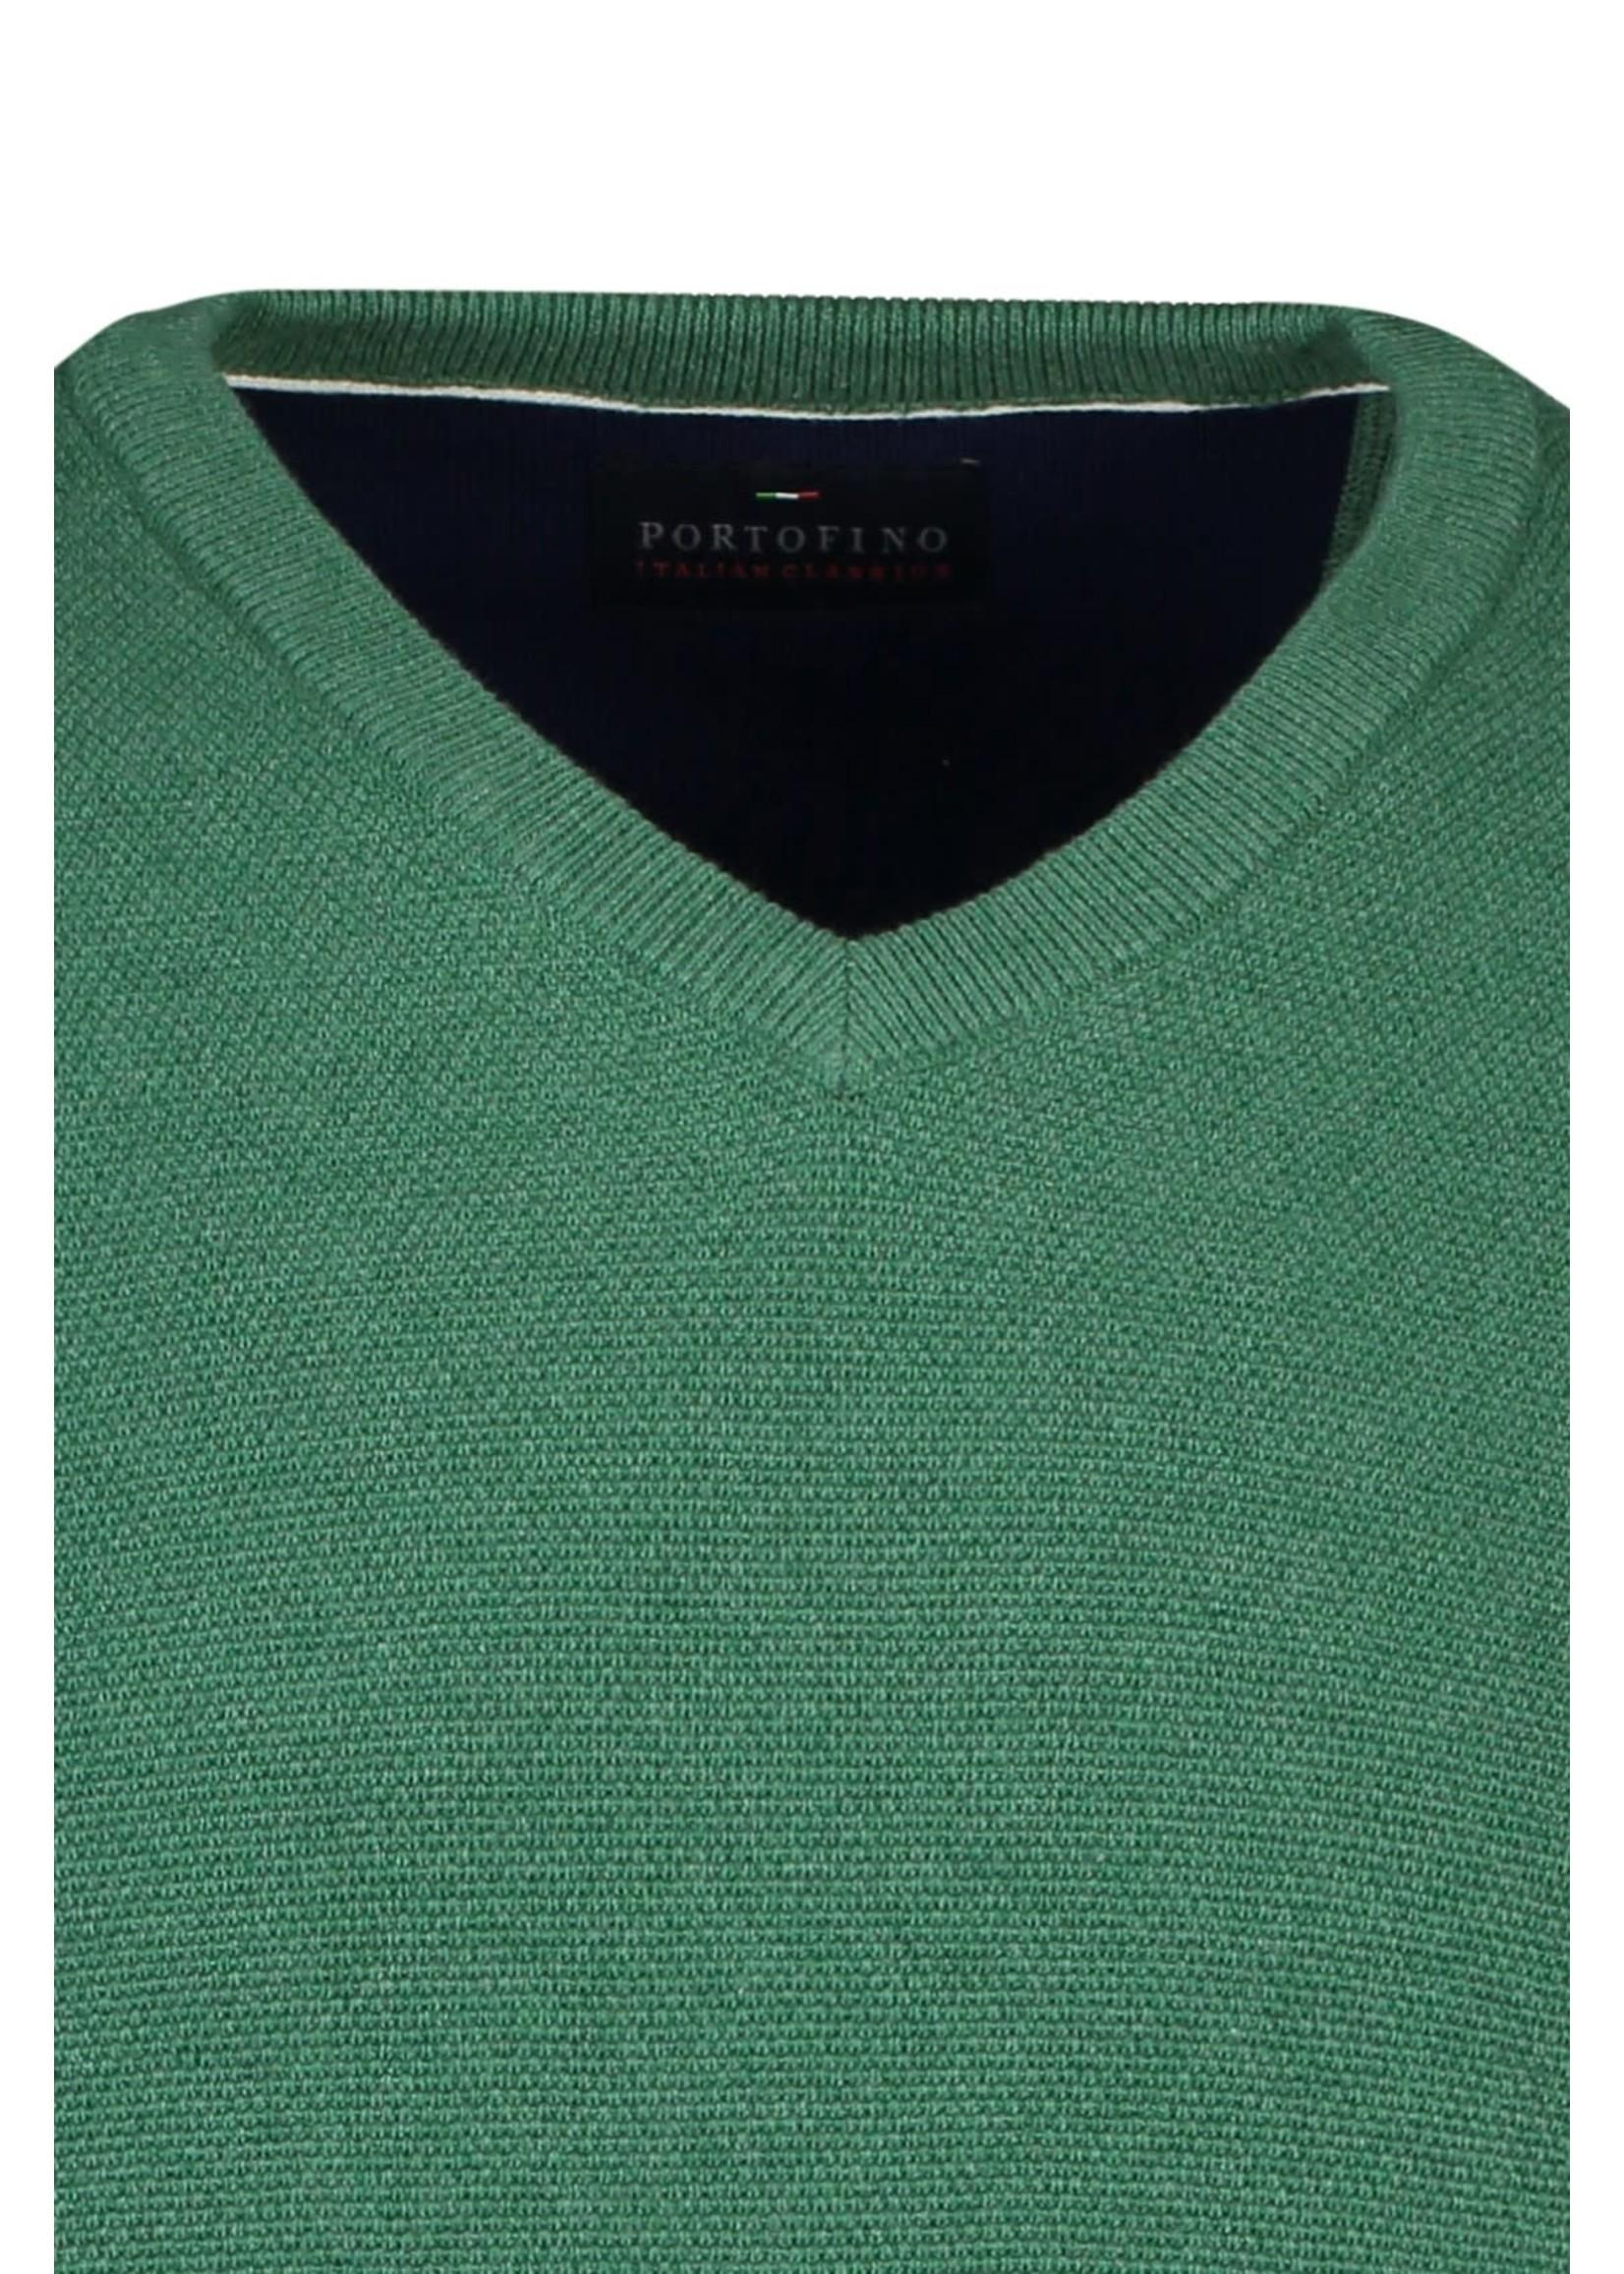 Portofino trui katoen v-hals groen